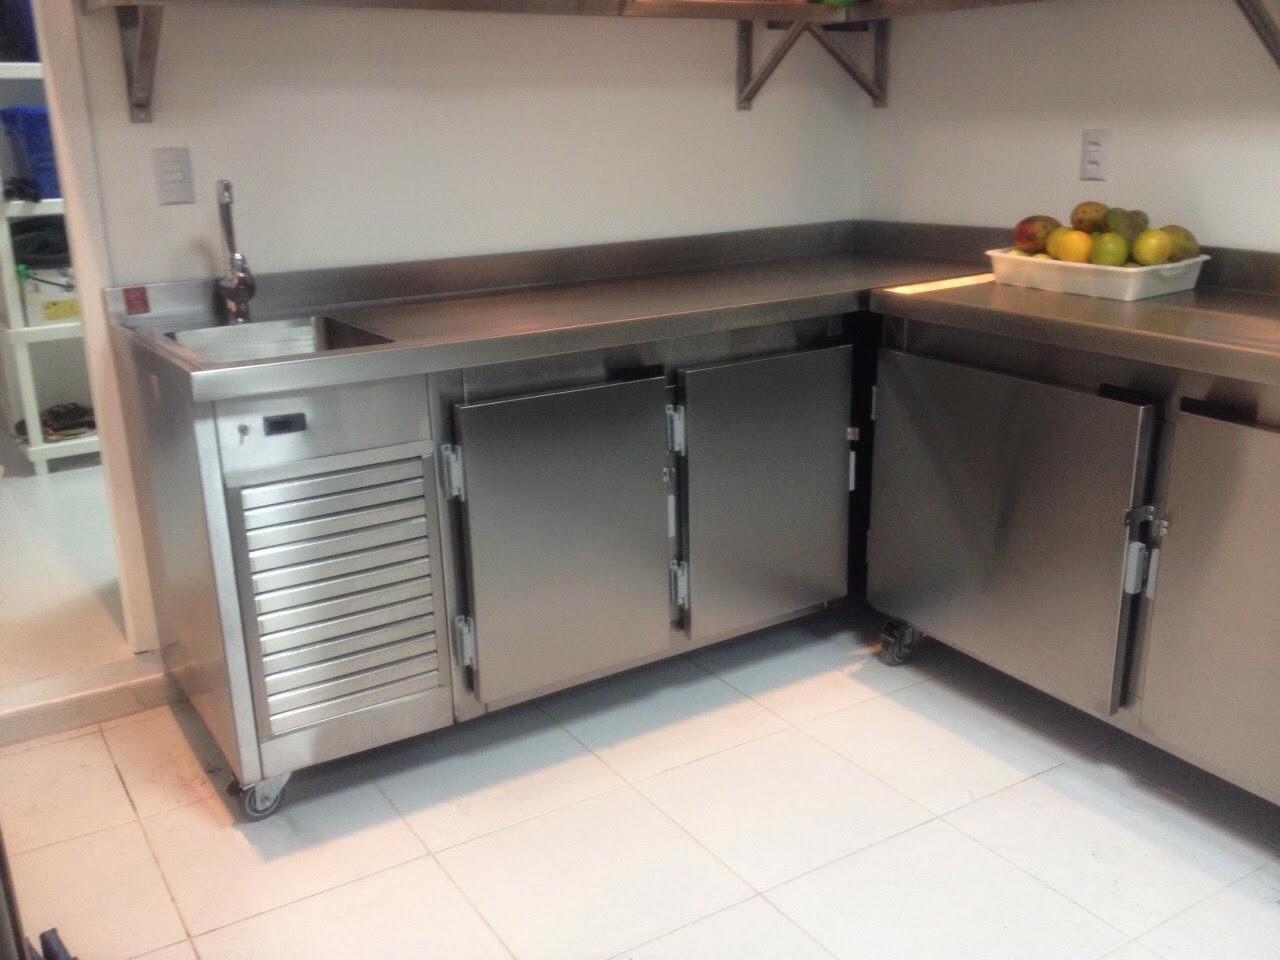 Ideal Cozinhas Industriais: Bancada Refrigerada #7E674D 1280 960